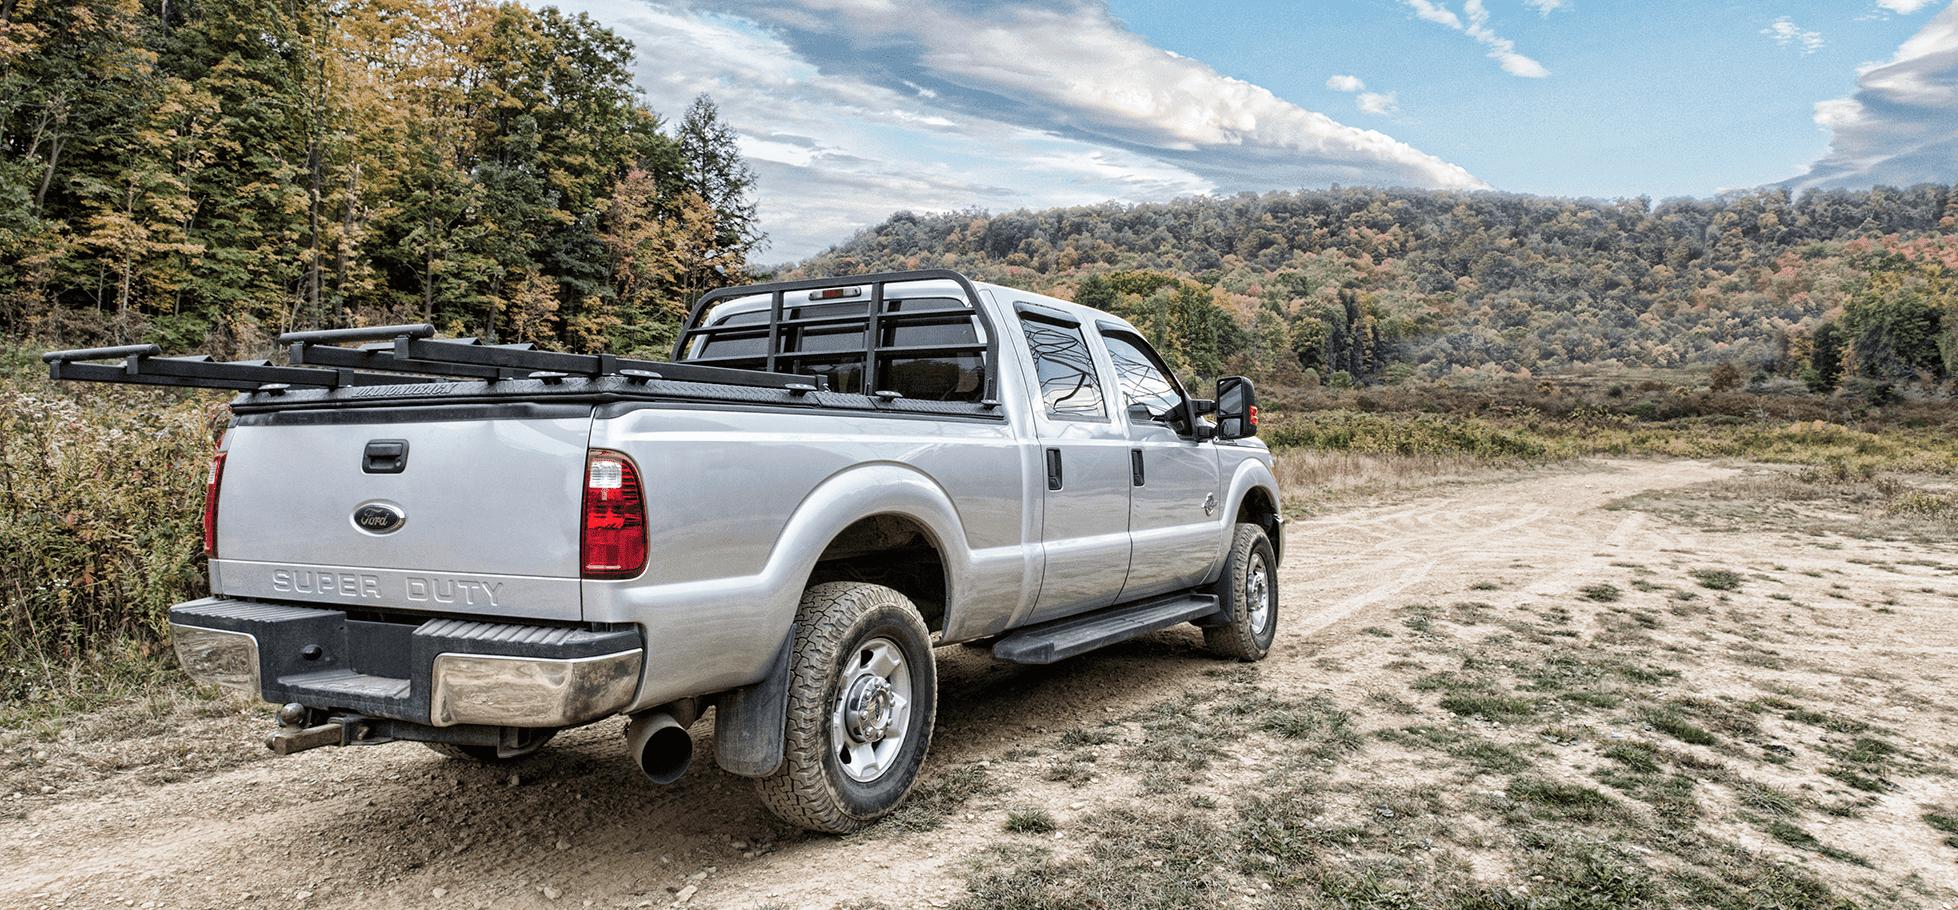 Diamondbacksxs Pickup trucks bed, Pickup truck bed